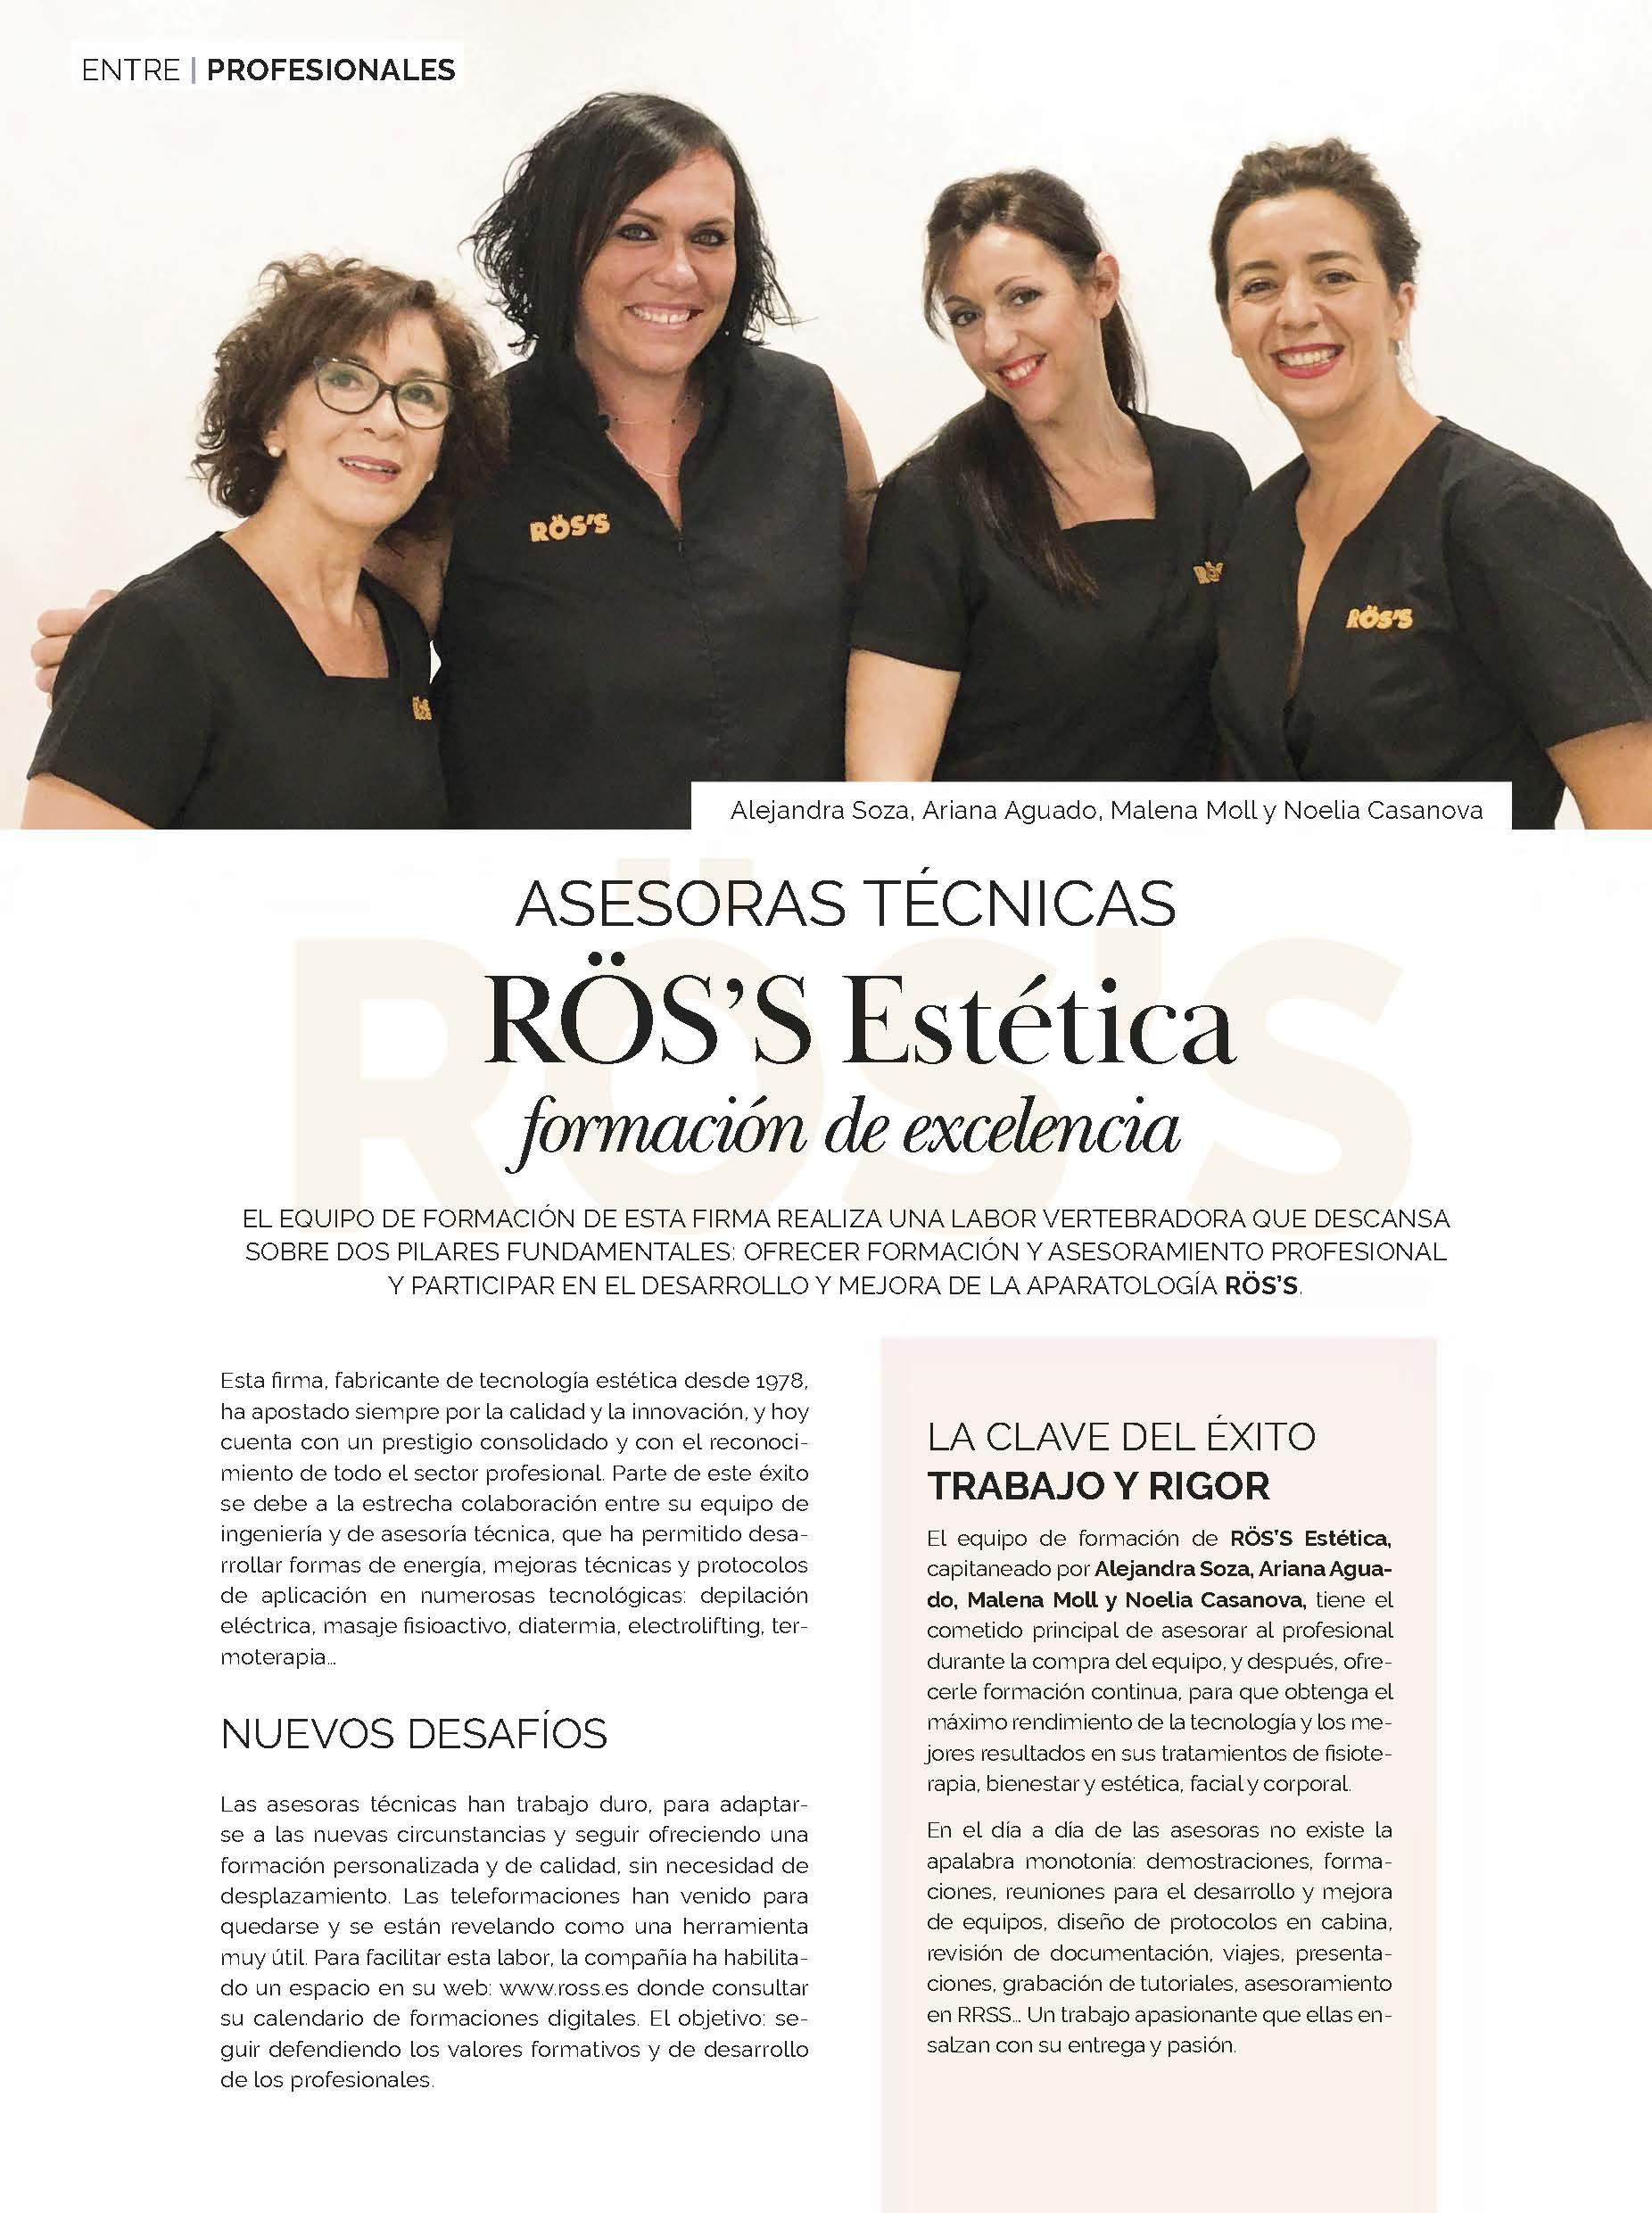 Asesoras-Formacion-ROSS_NUEVA-ESTETICA